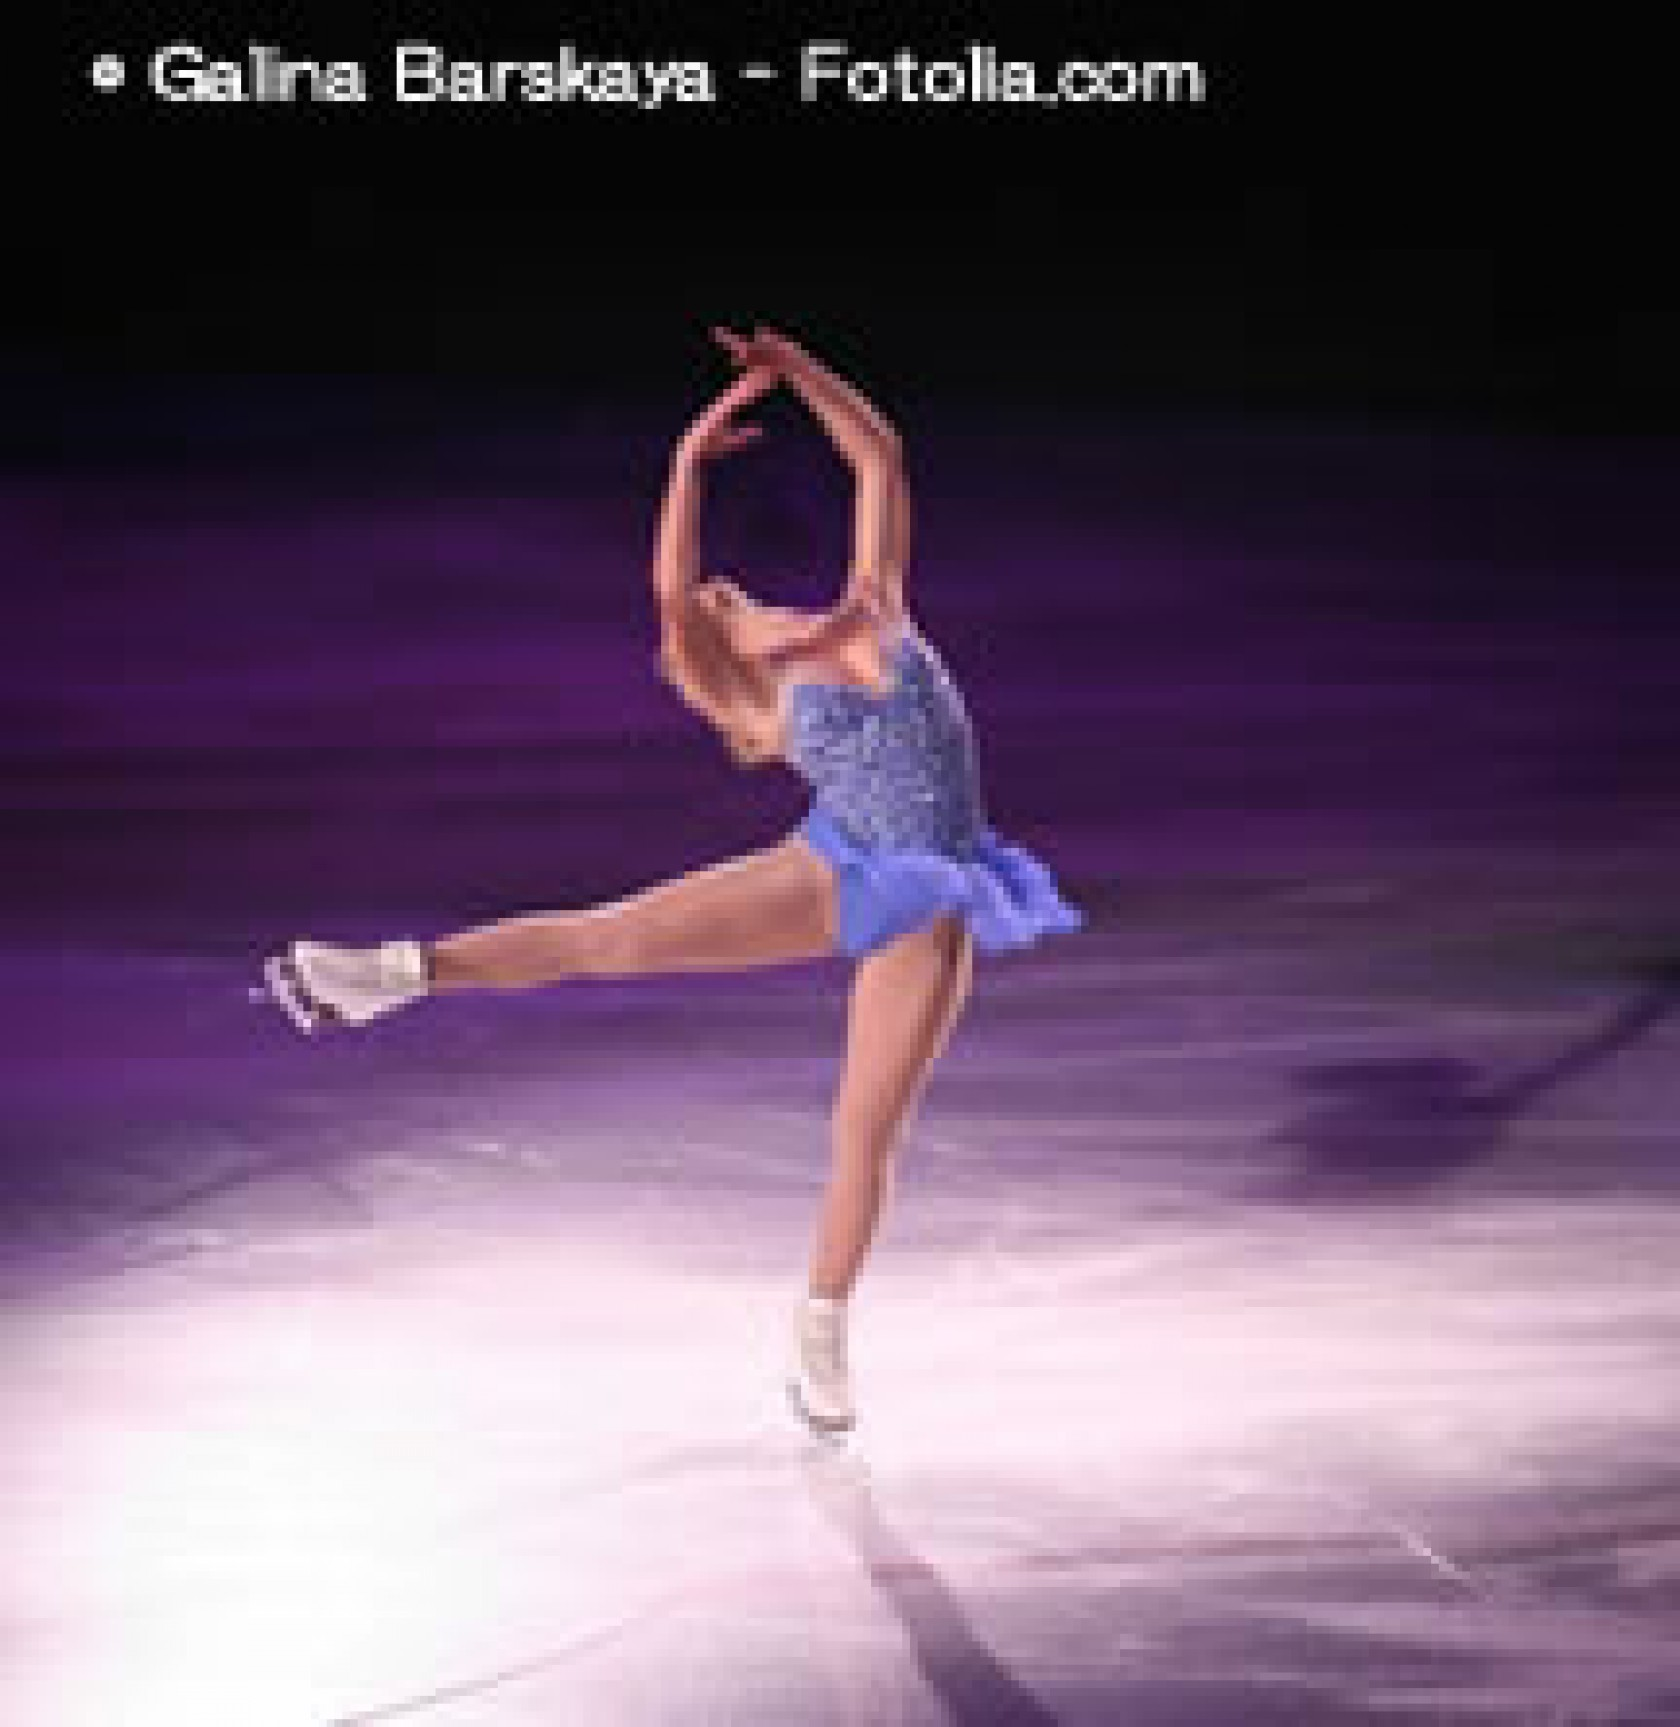 ニースのフィギュアスケート世界選手権2012 浅田真央選手ら出場